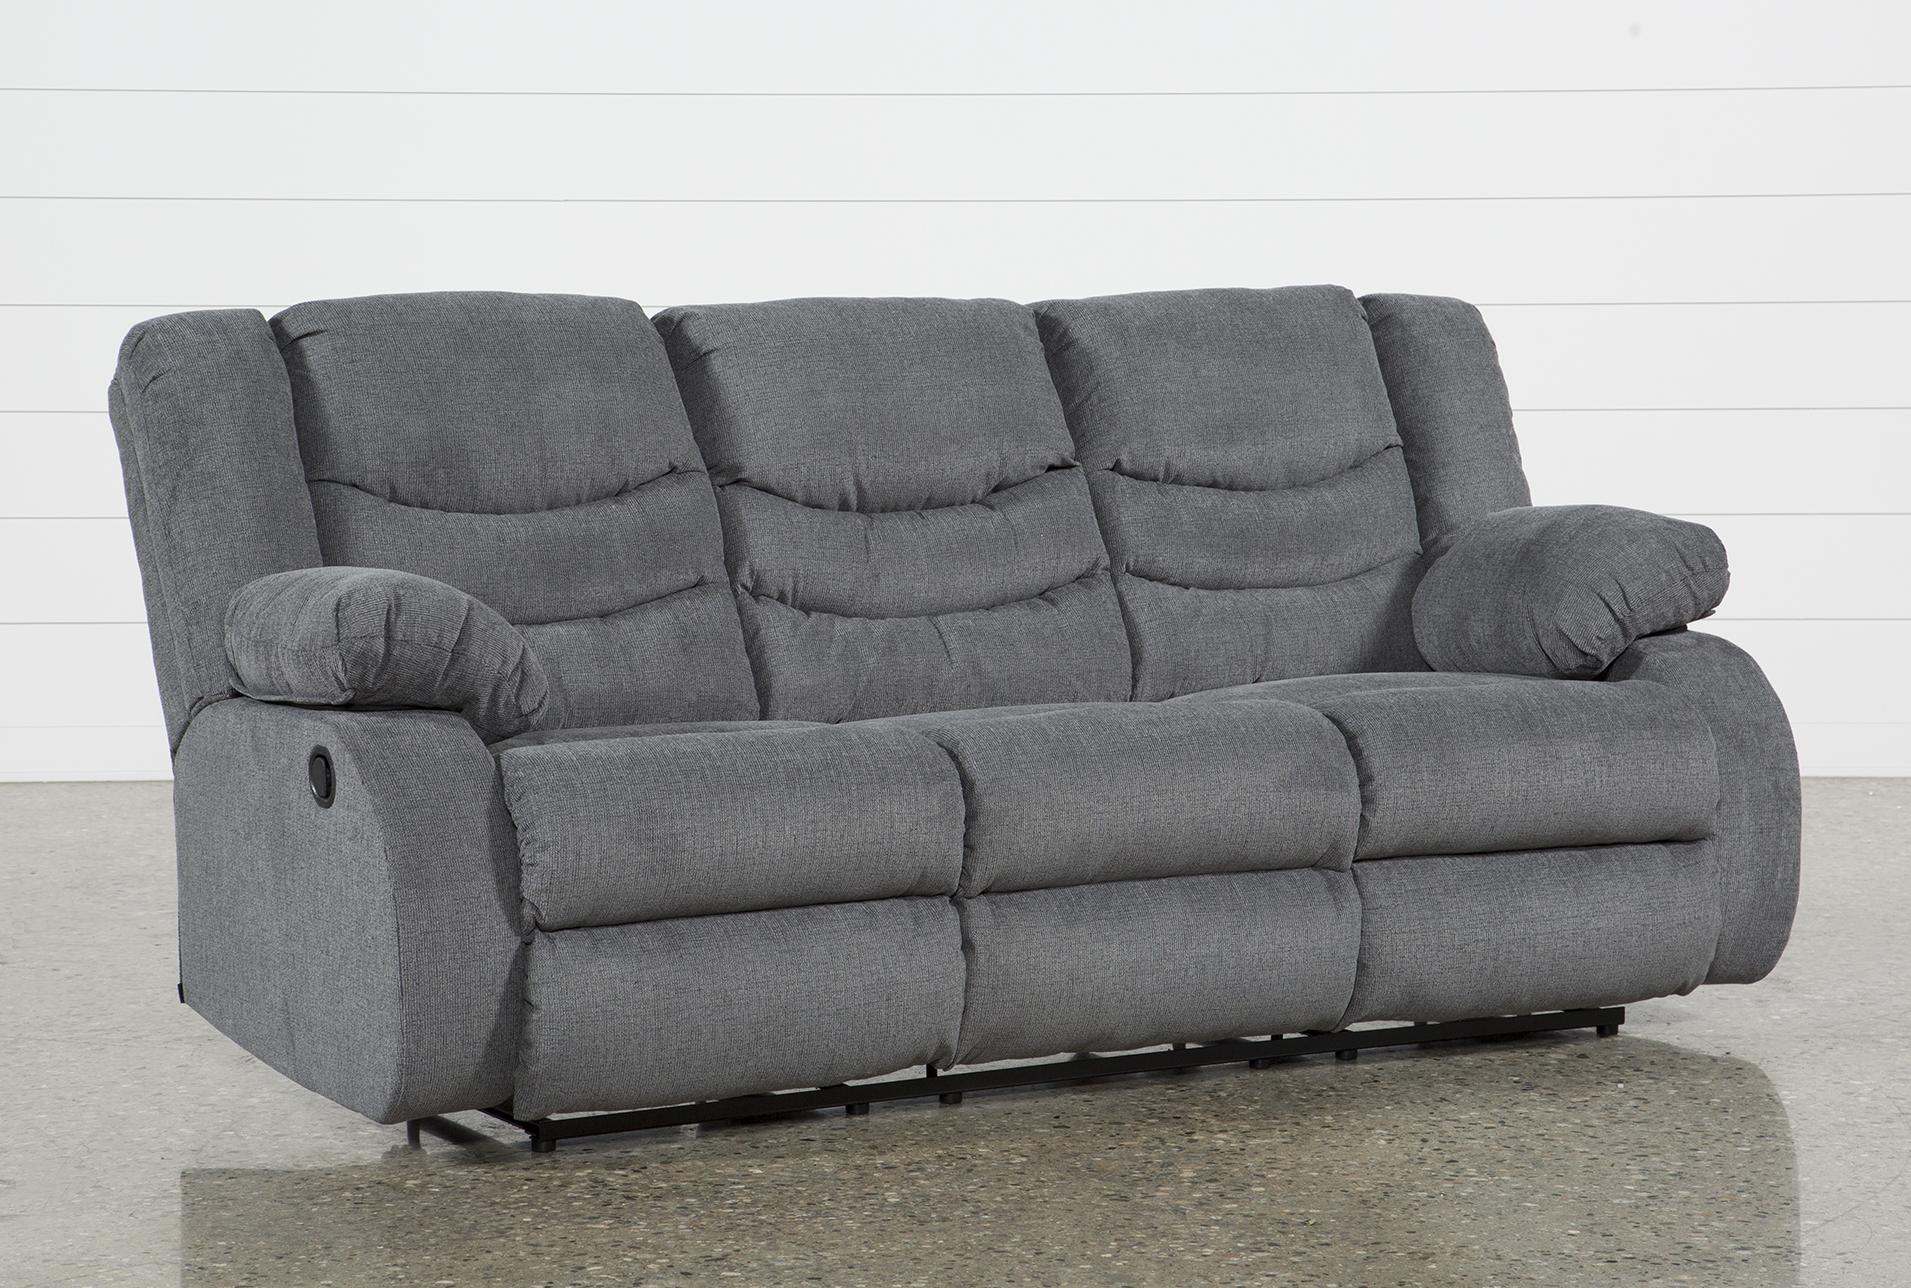 Sofa recliner haines grey reclining sofa VQRTLOX